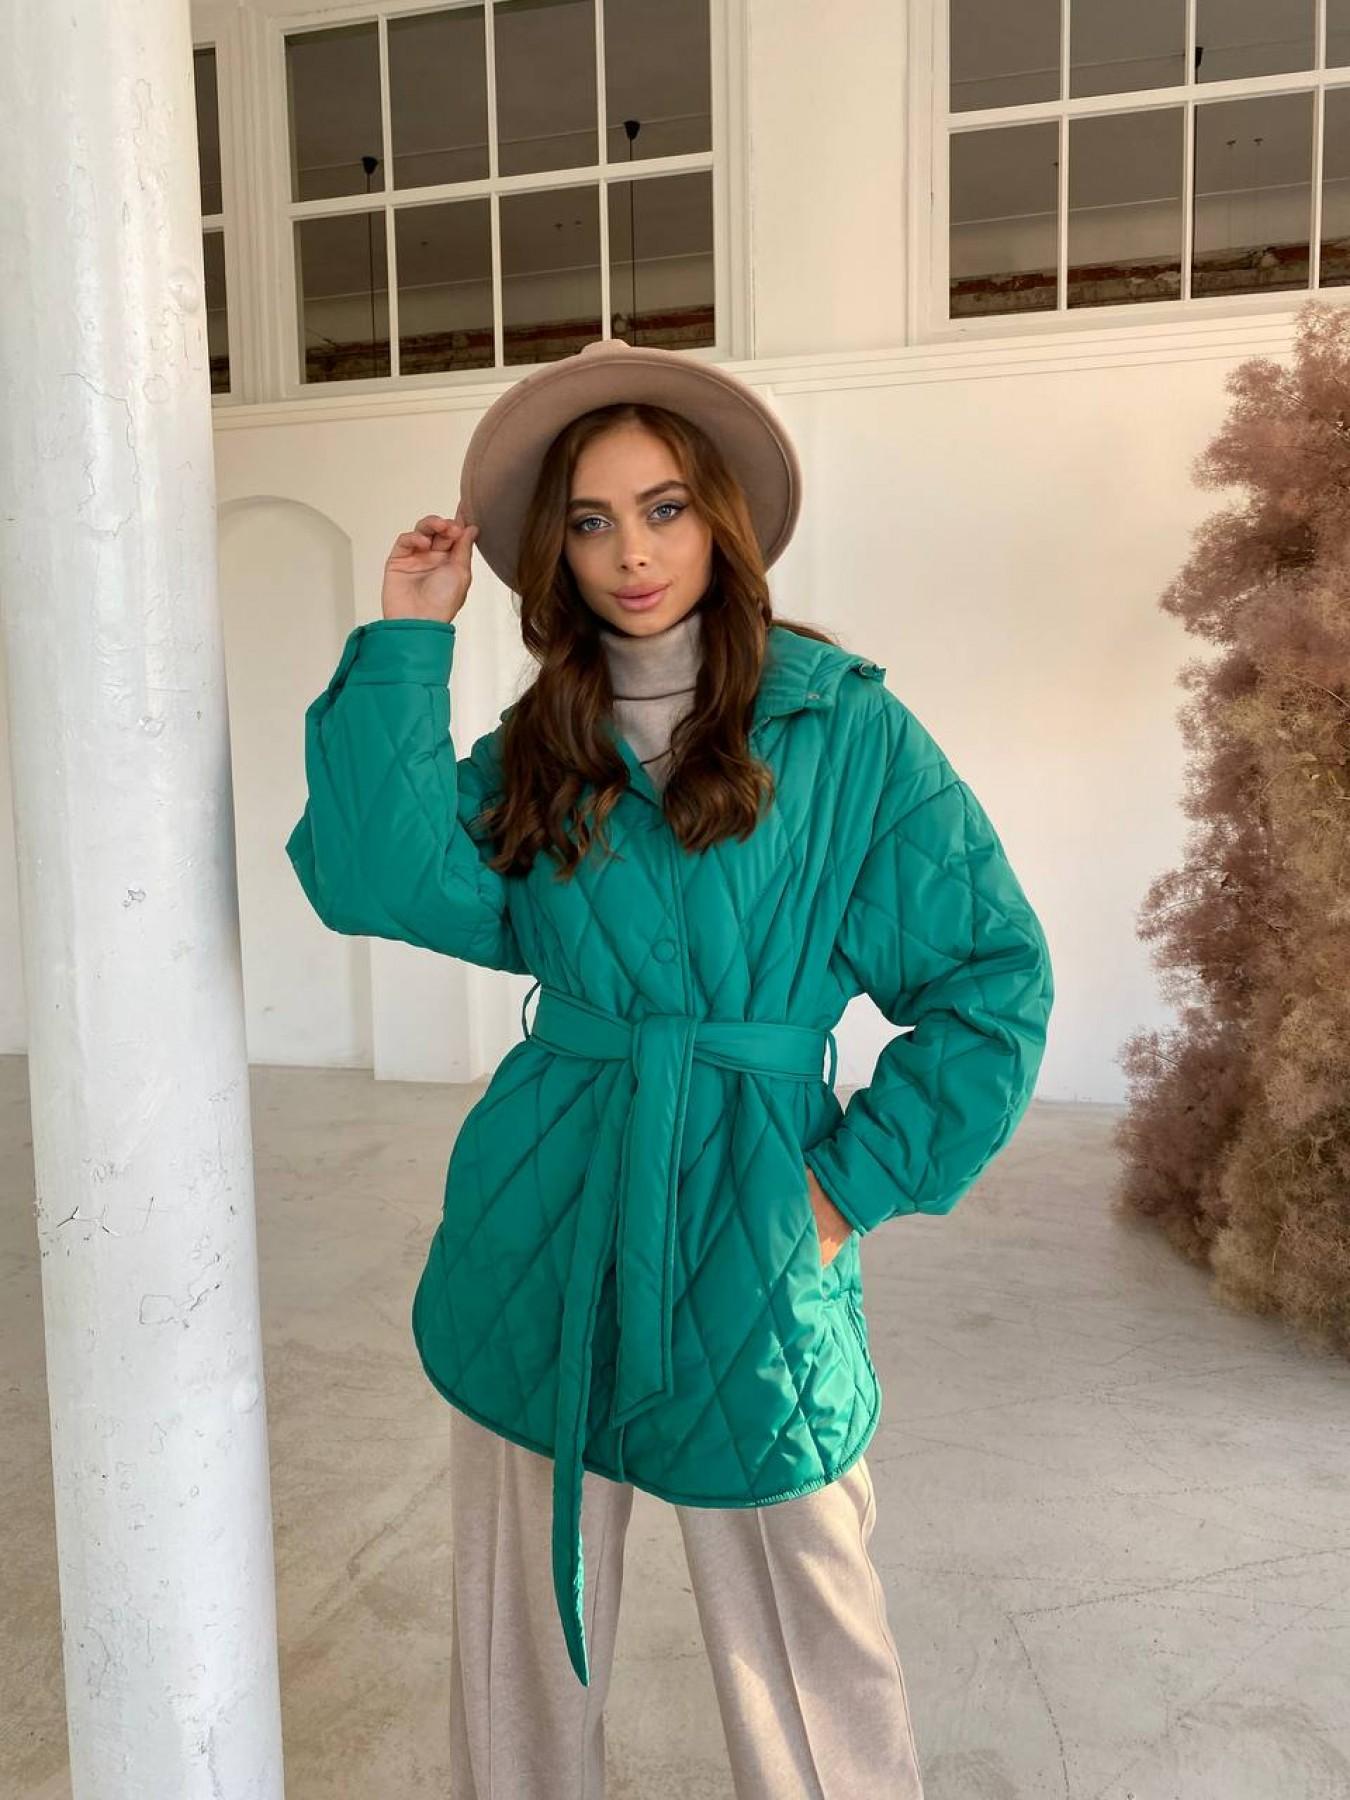 Пазл стеганая куртка из плащевки 11764 АРТ. 48505 Цвет: Зеленый 2 - фото 5, интернет магазин tm-modus.ru